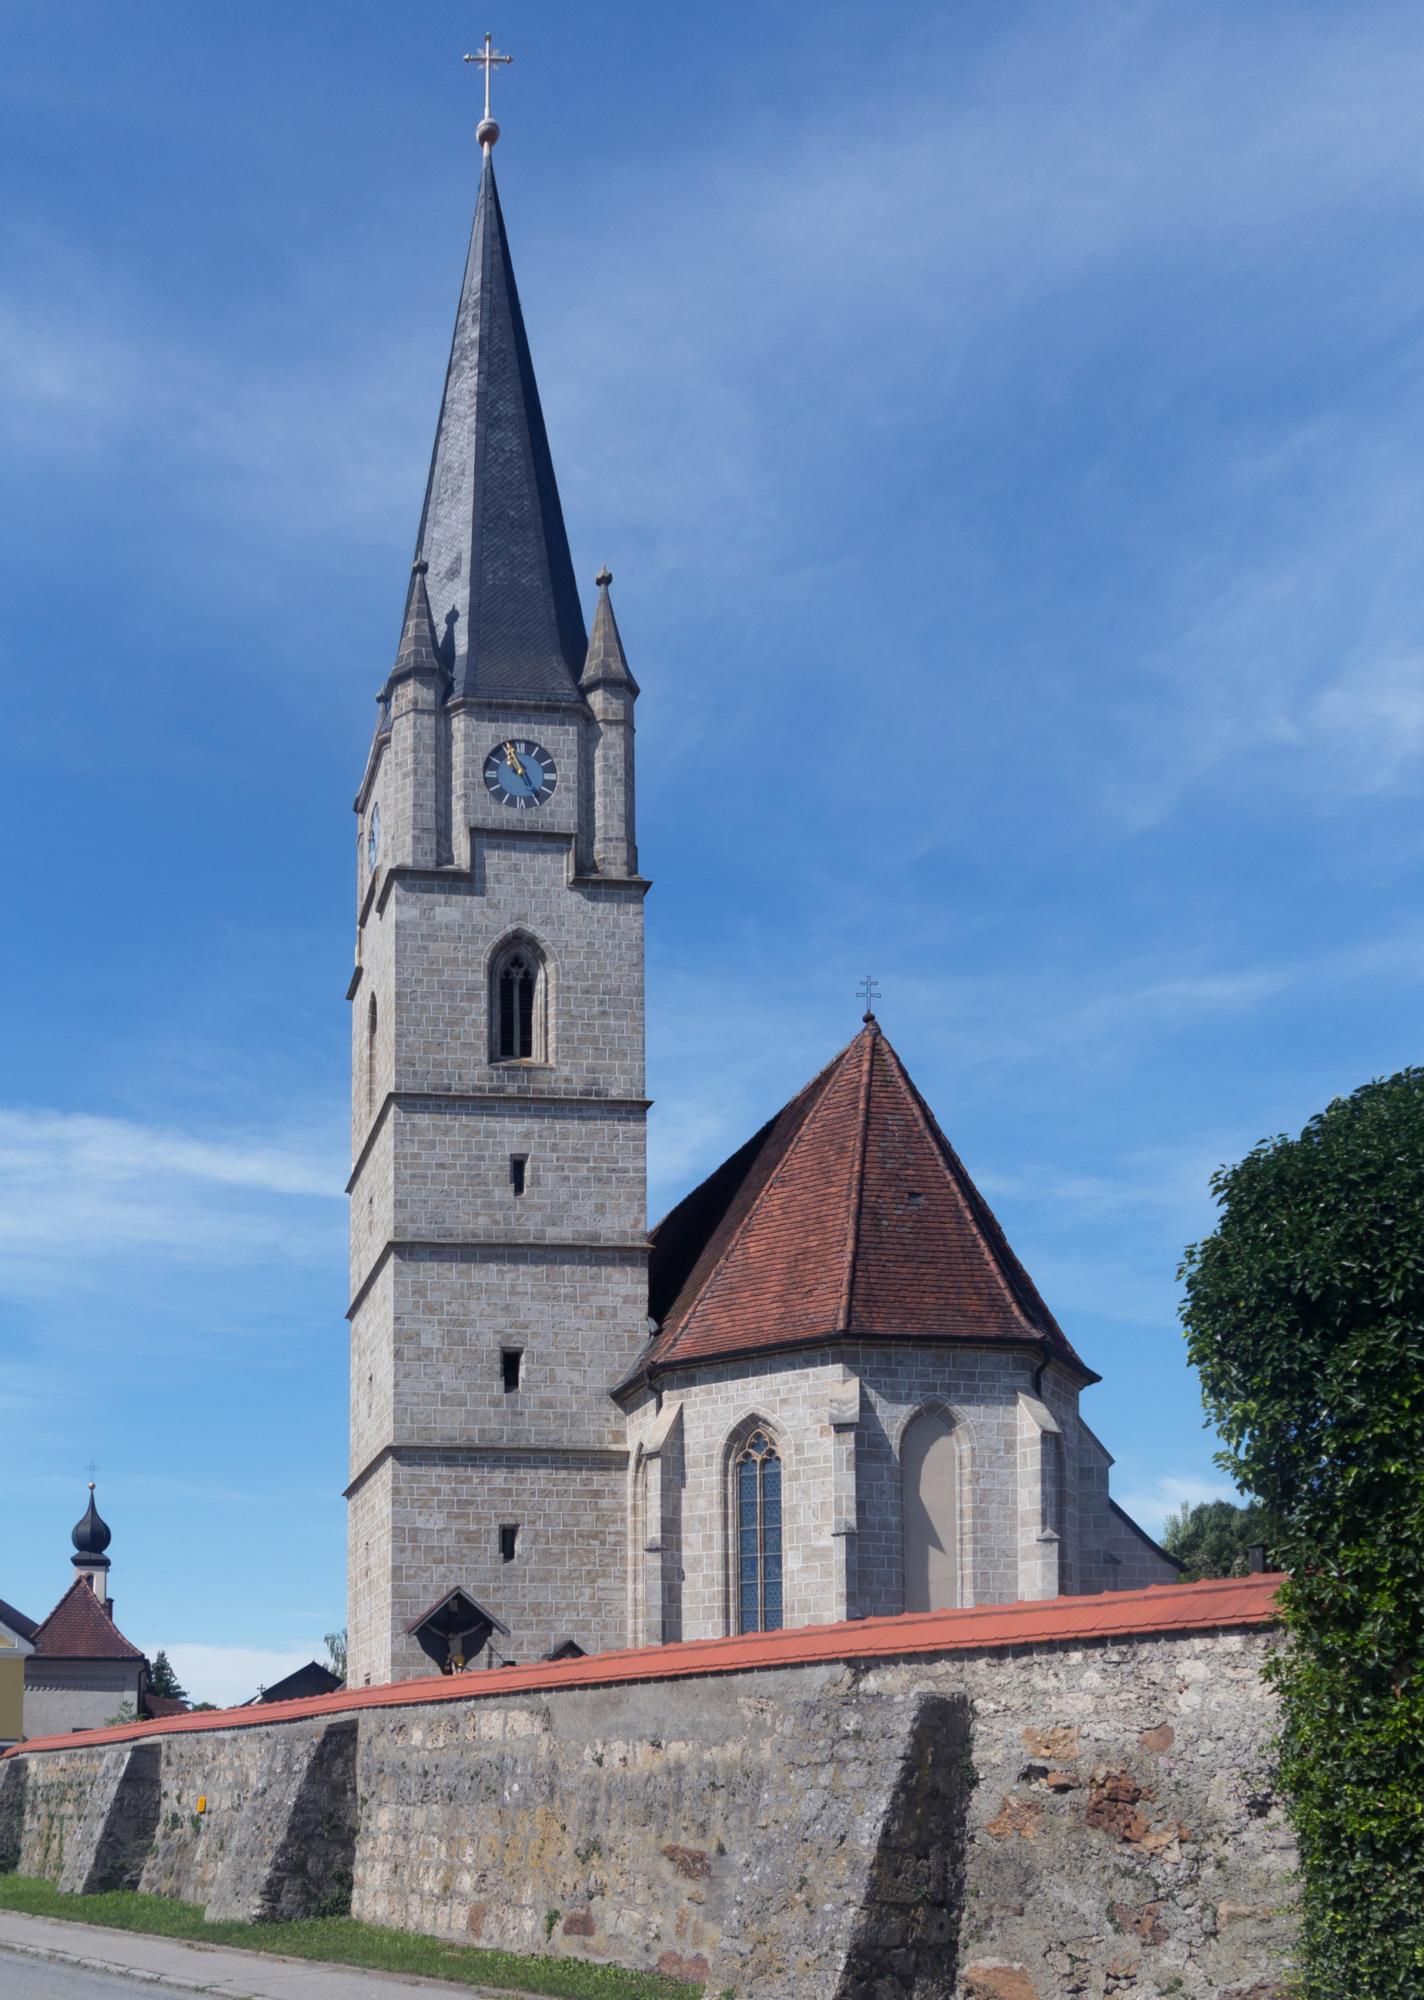 Malching2 C die Katholische Pfarrkirche Sankt Aegidius Dm D 2 75 132 3 foto7 2017 08 08 10 55